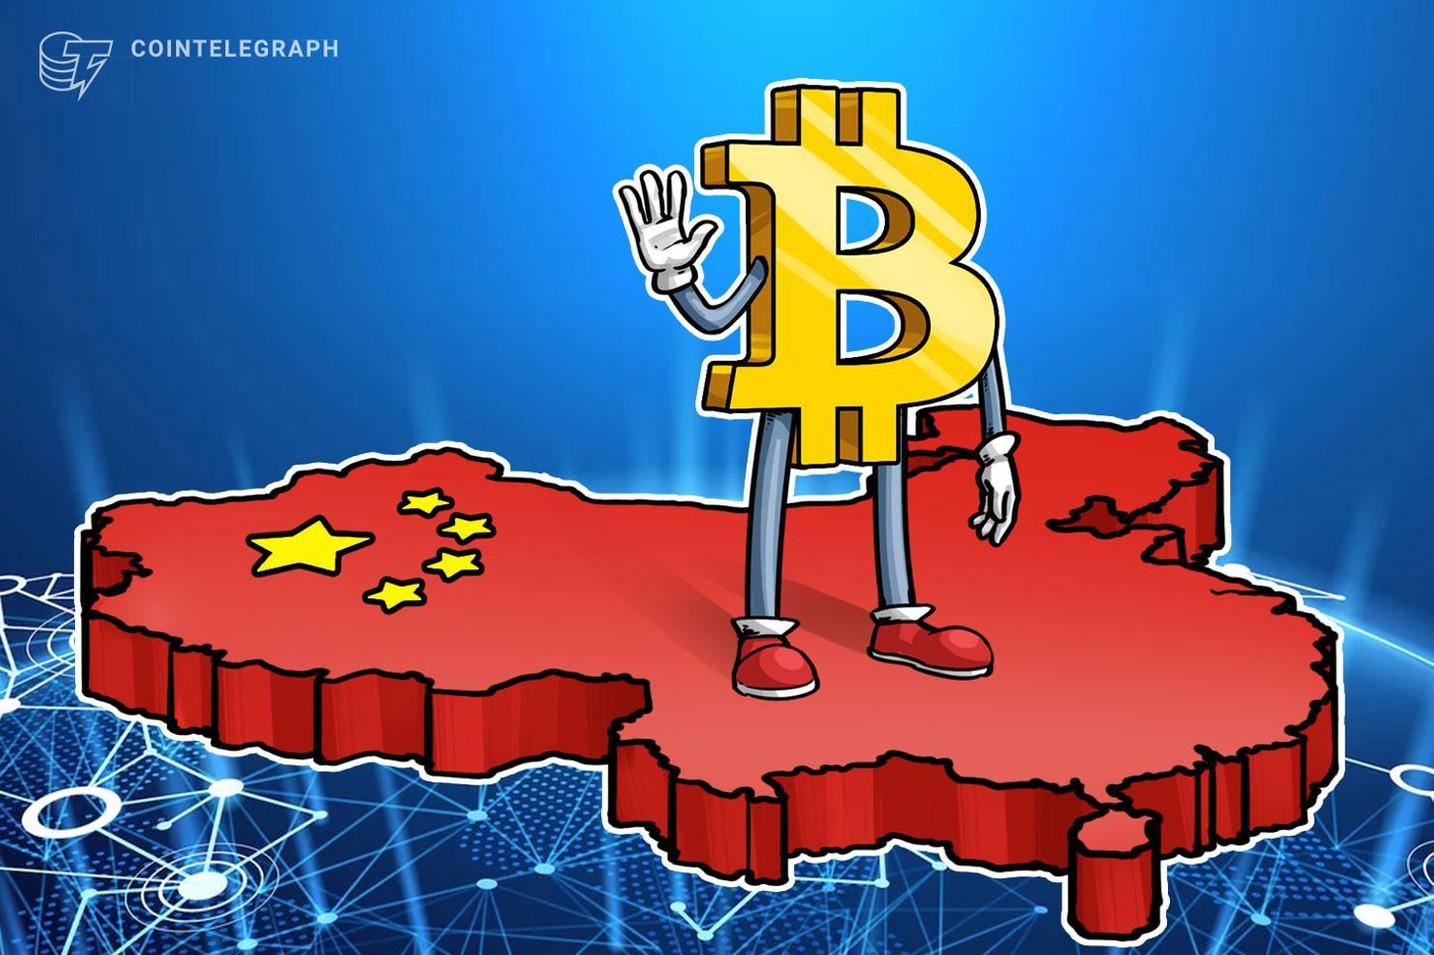 もうすぐ中国の春節、ビットコインへの影響は?【仮想通貨相場】